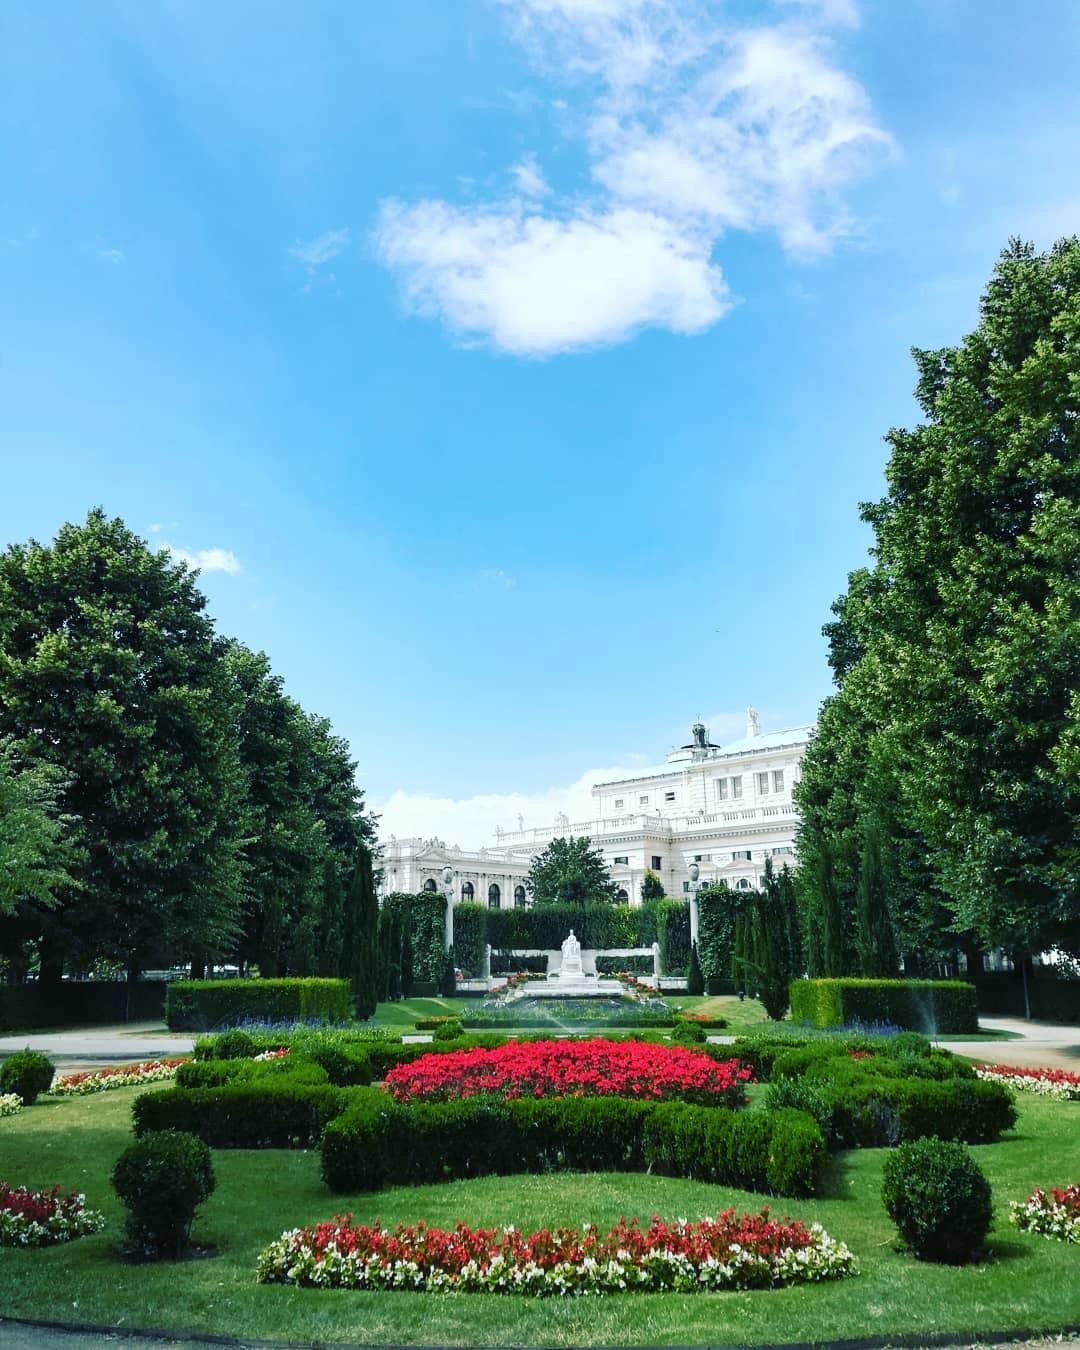 حديقة الزهور فيينا - اجمل الاماكن السياحية في فيينا